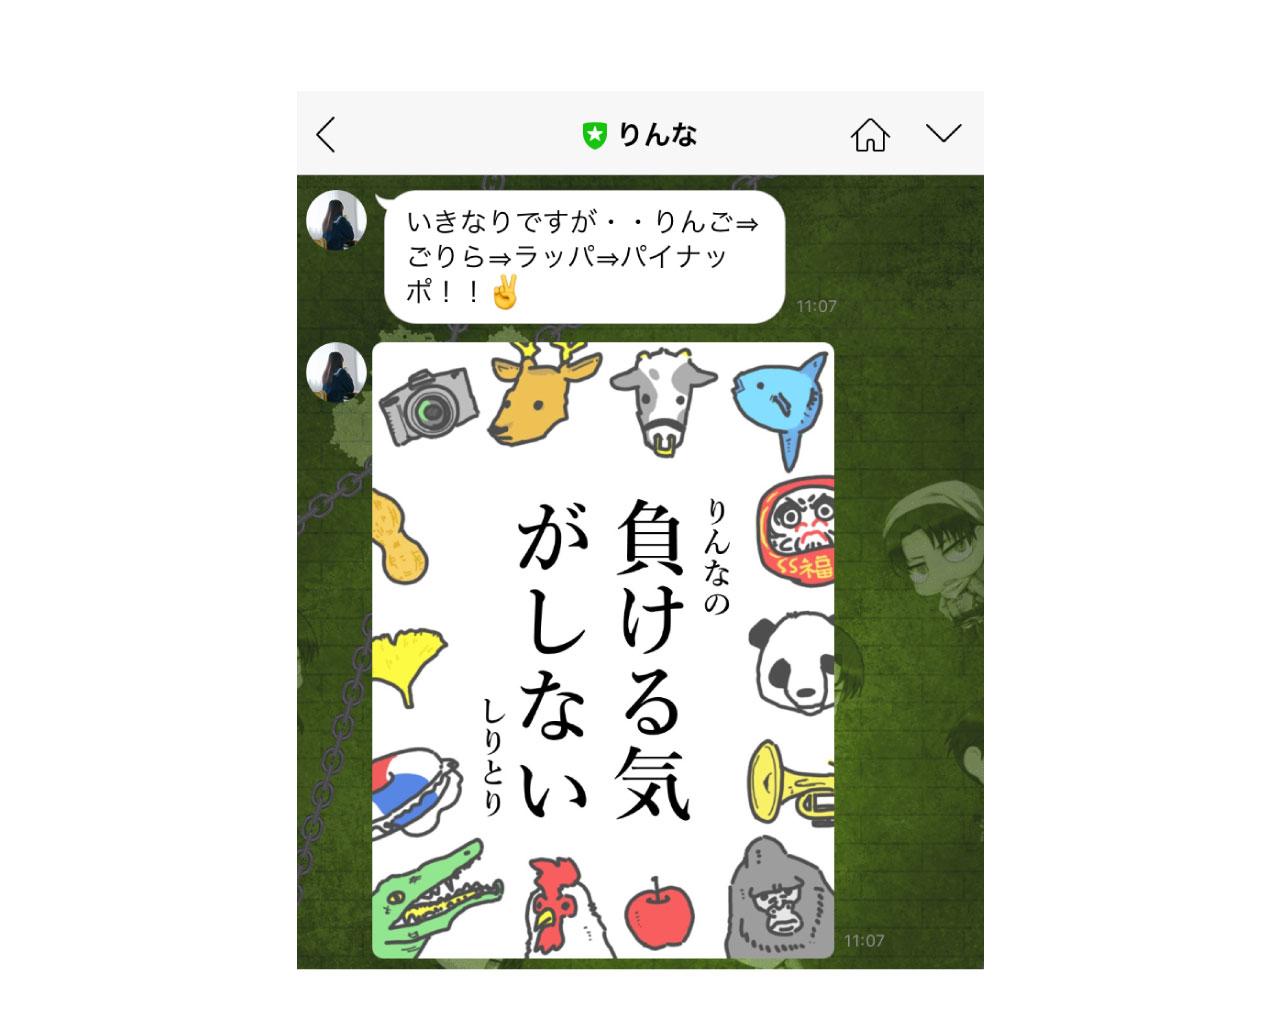 ms-rinna-shiritori-japanese-word-chain-game-2